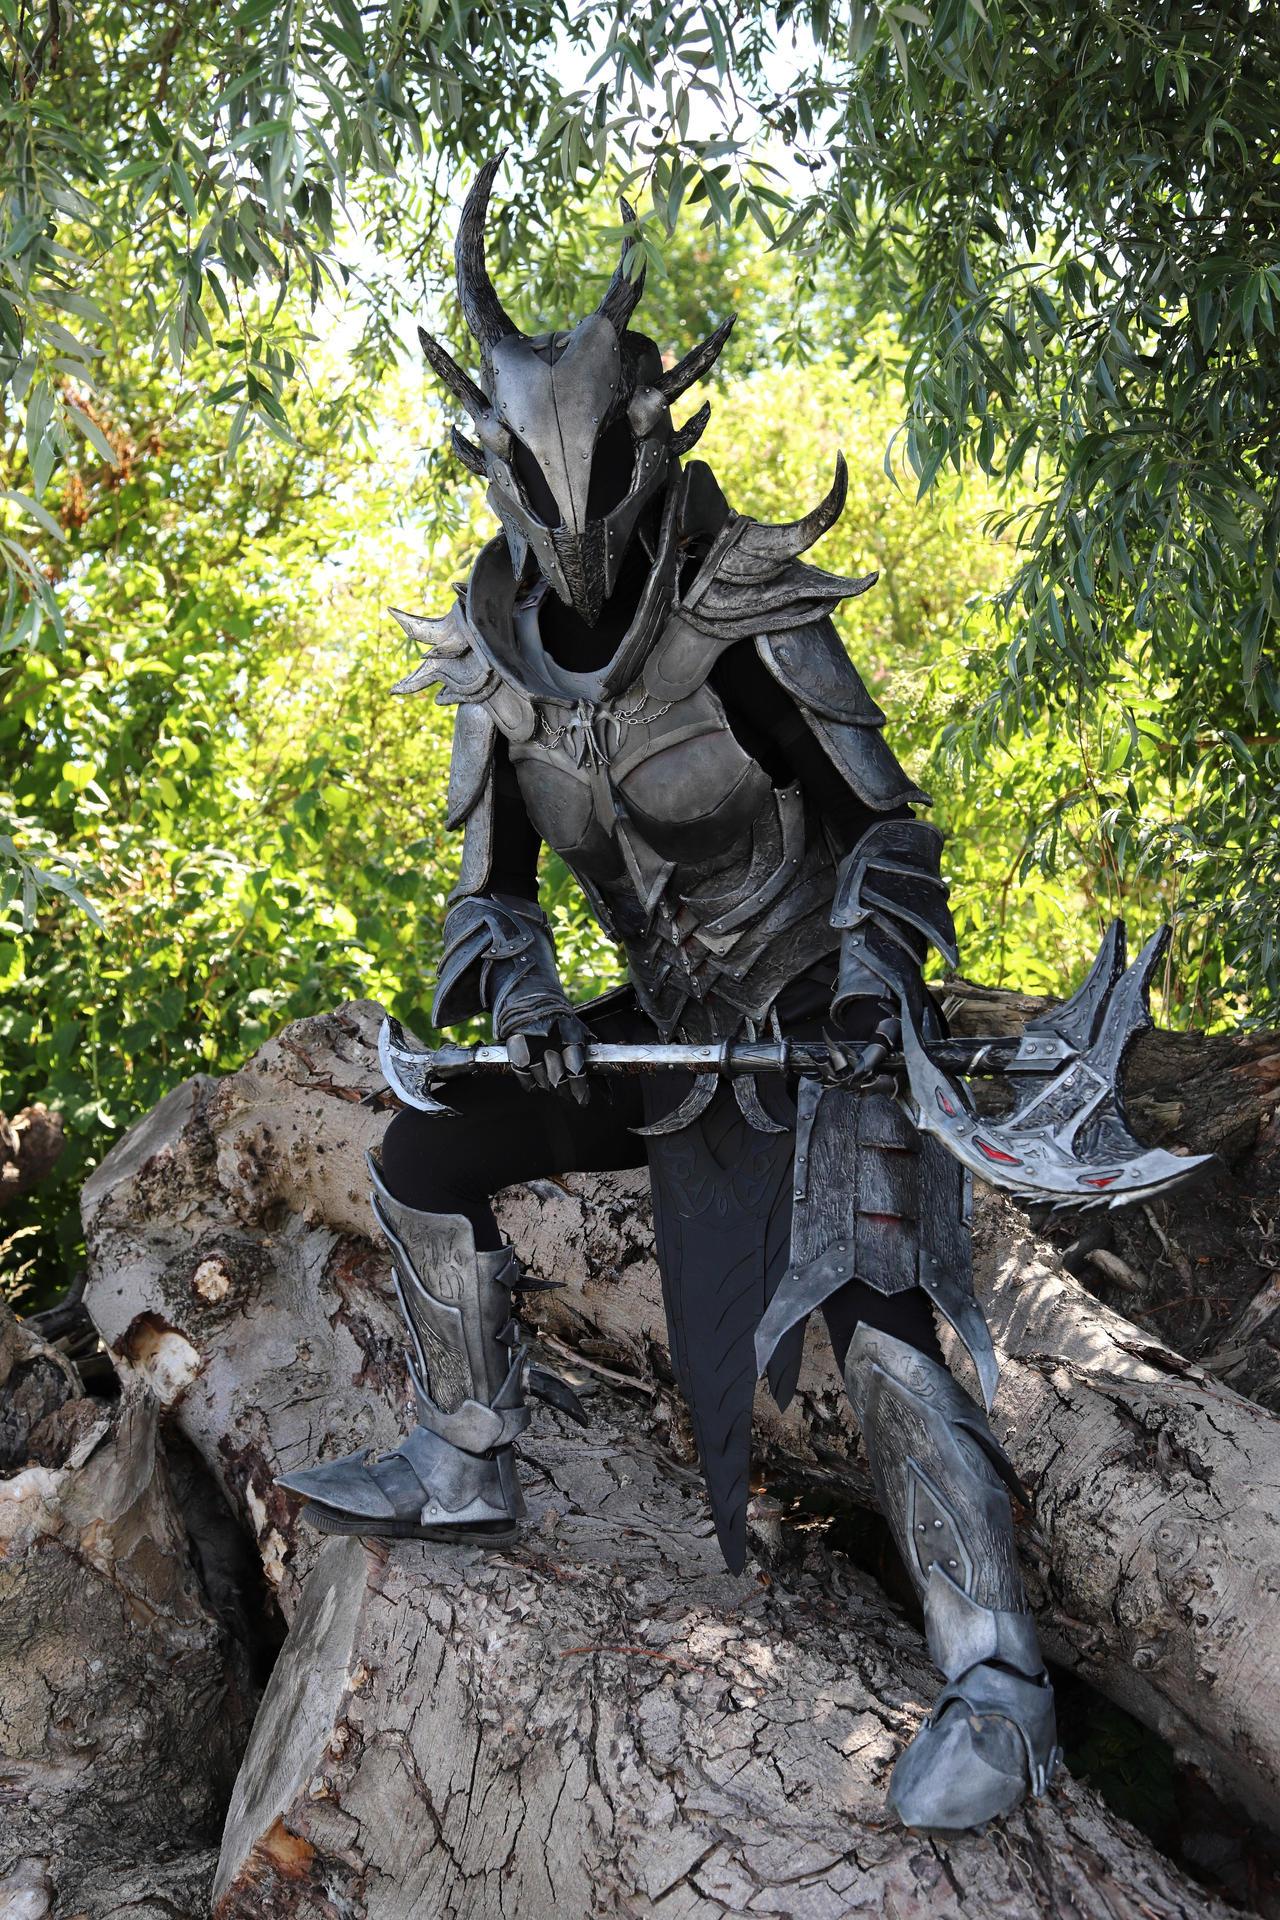 Skyrim Daedric armour